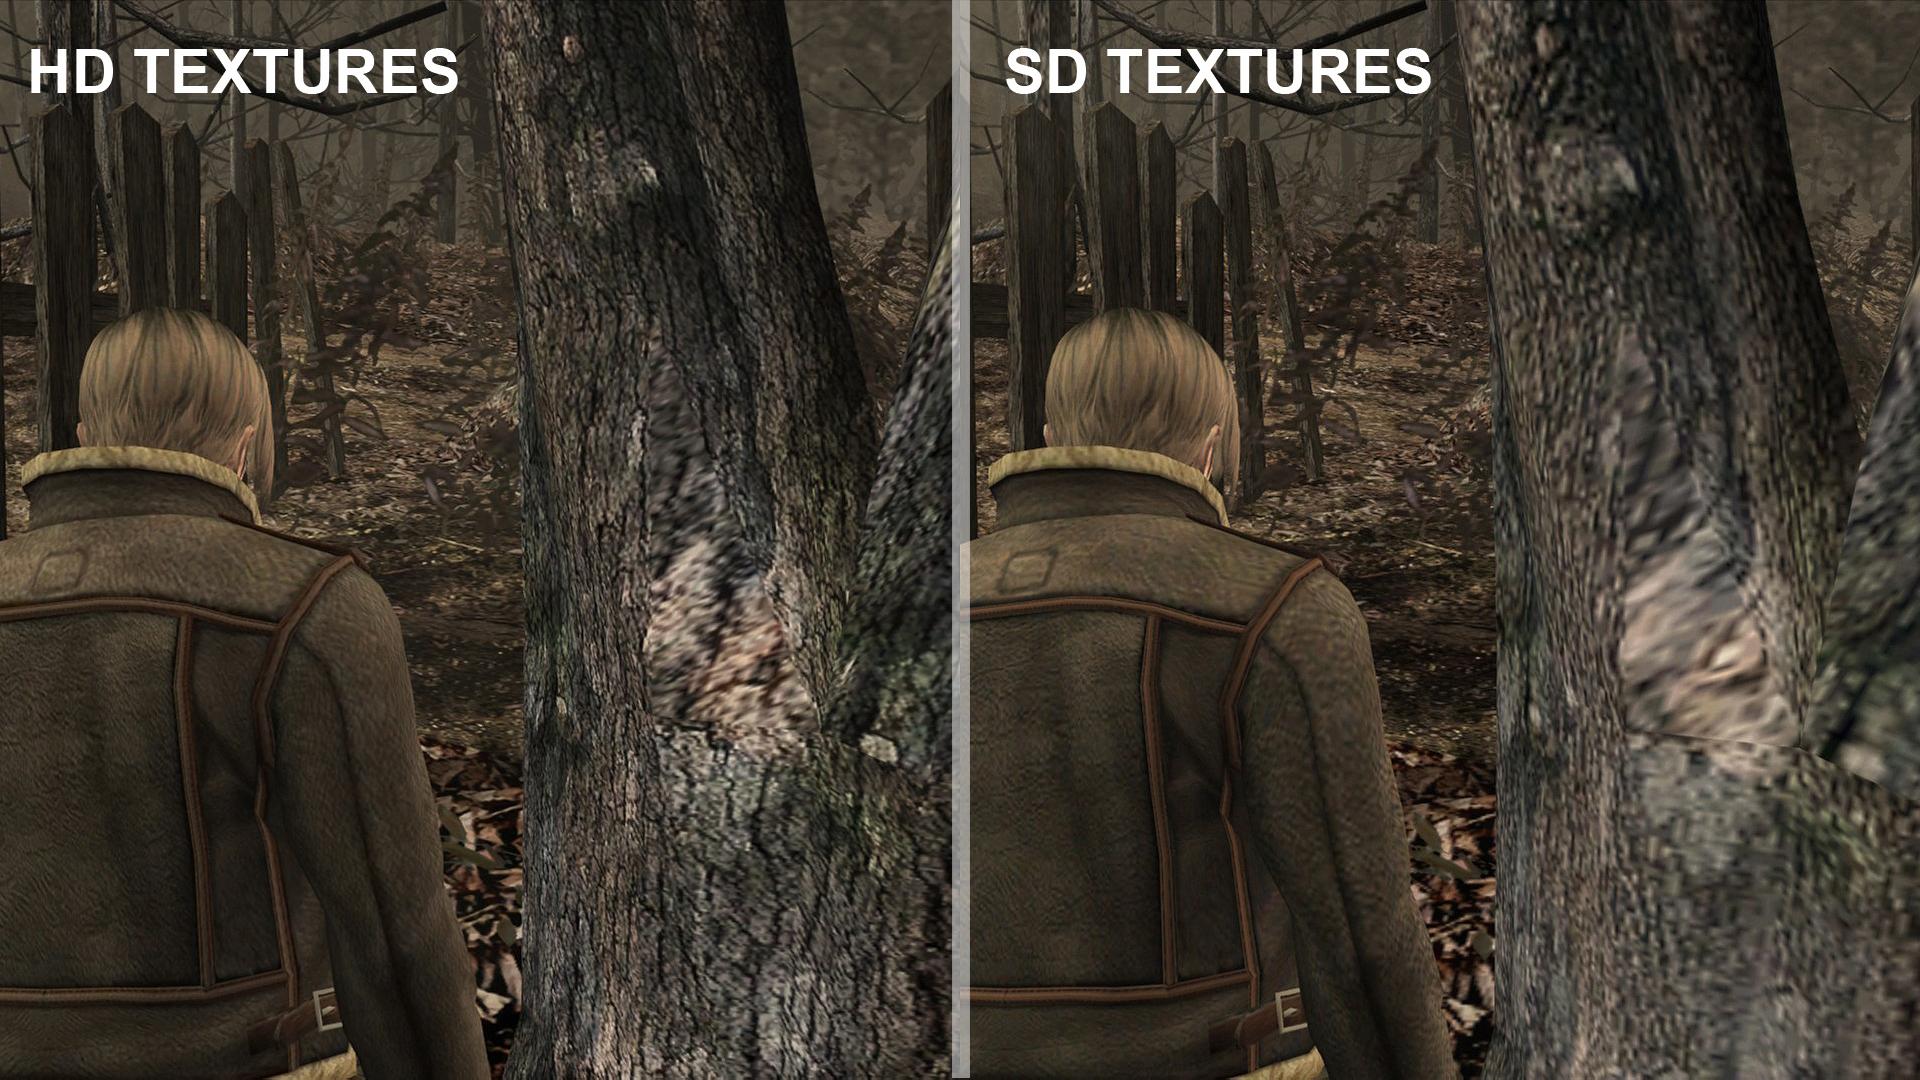 Porovnáváme HD a SD textury Resident Evil 4 92594